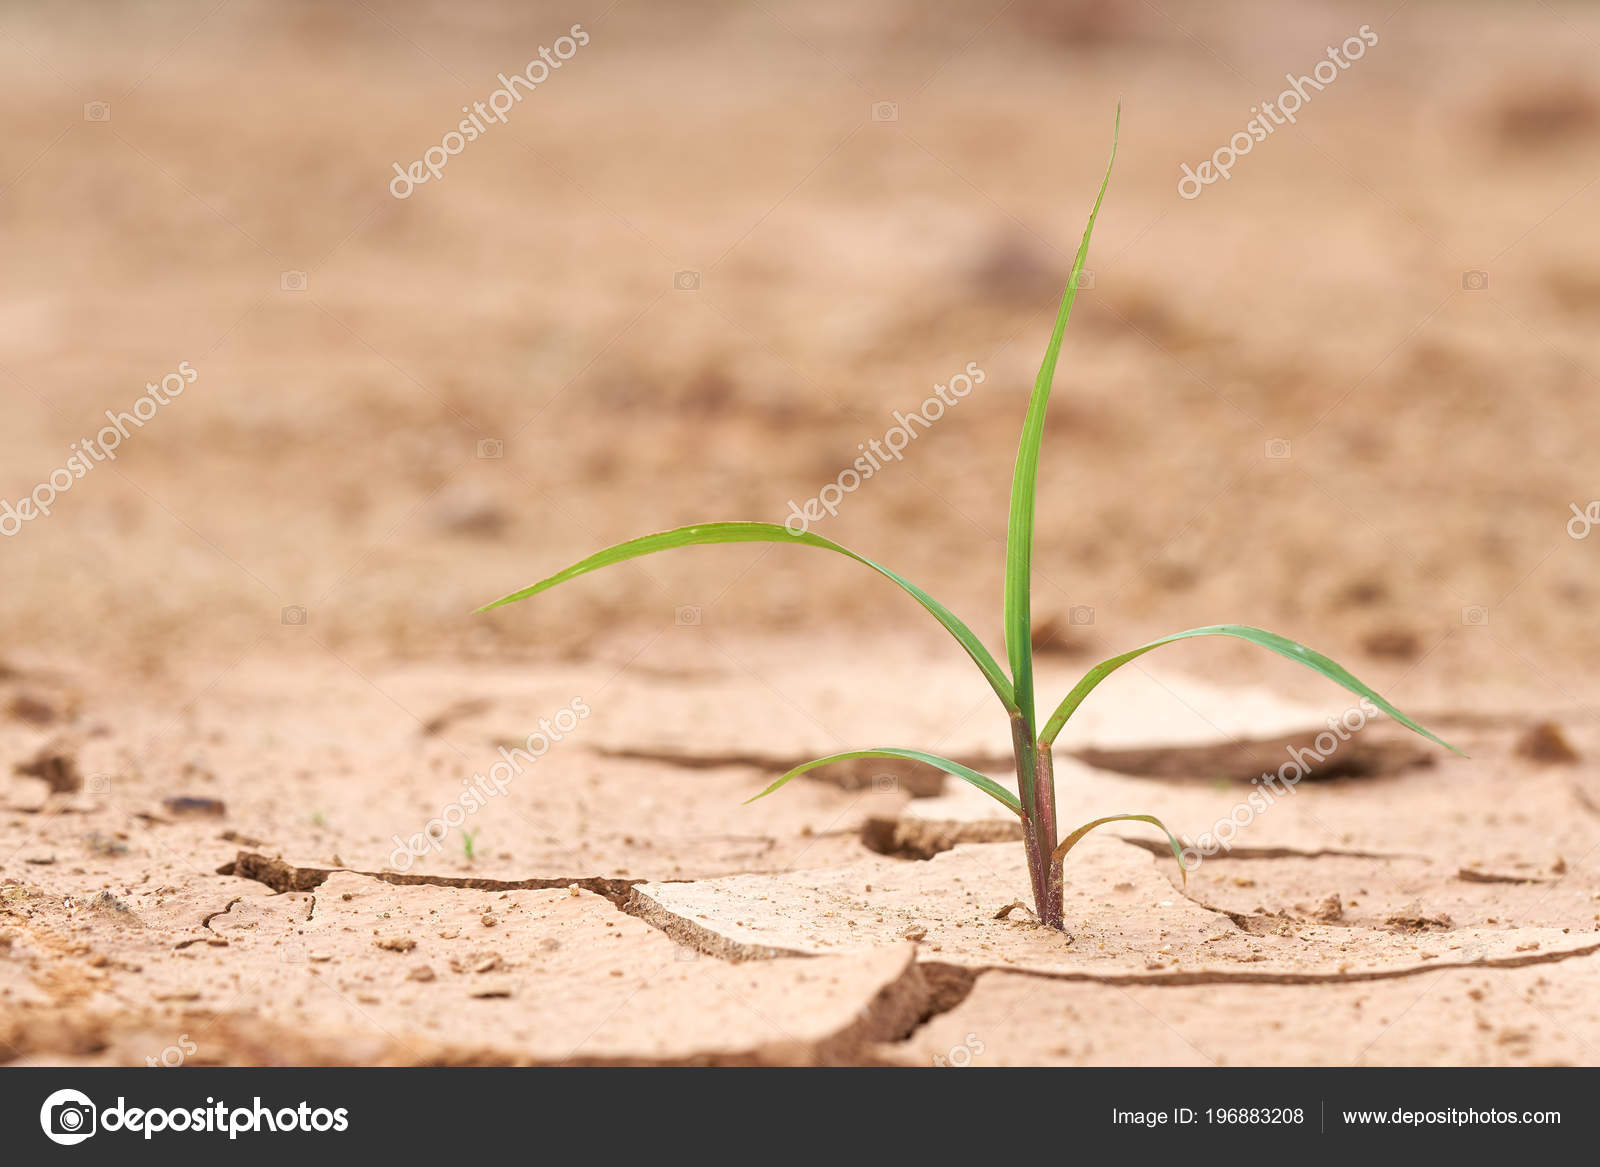 Die Pflanzen Wachsen Auf Trockenem Boden Pflanzen Versuchen Das